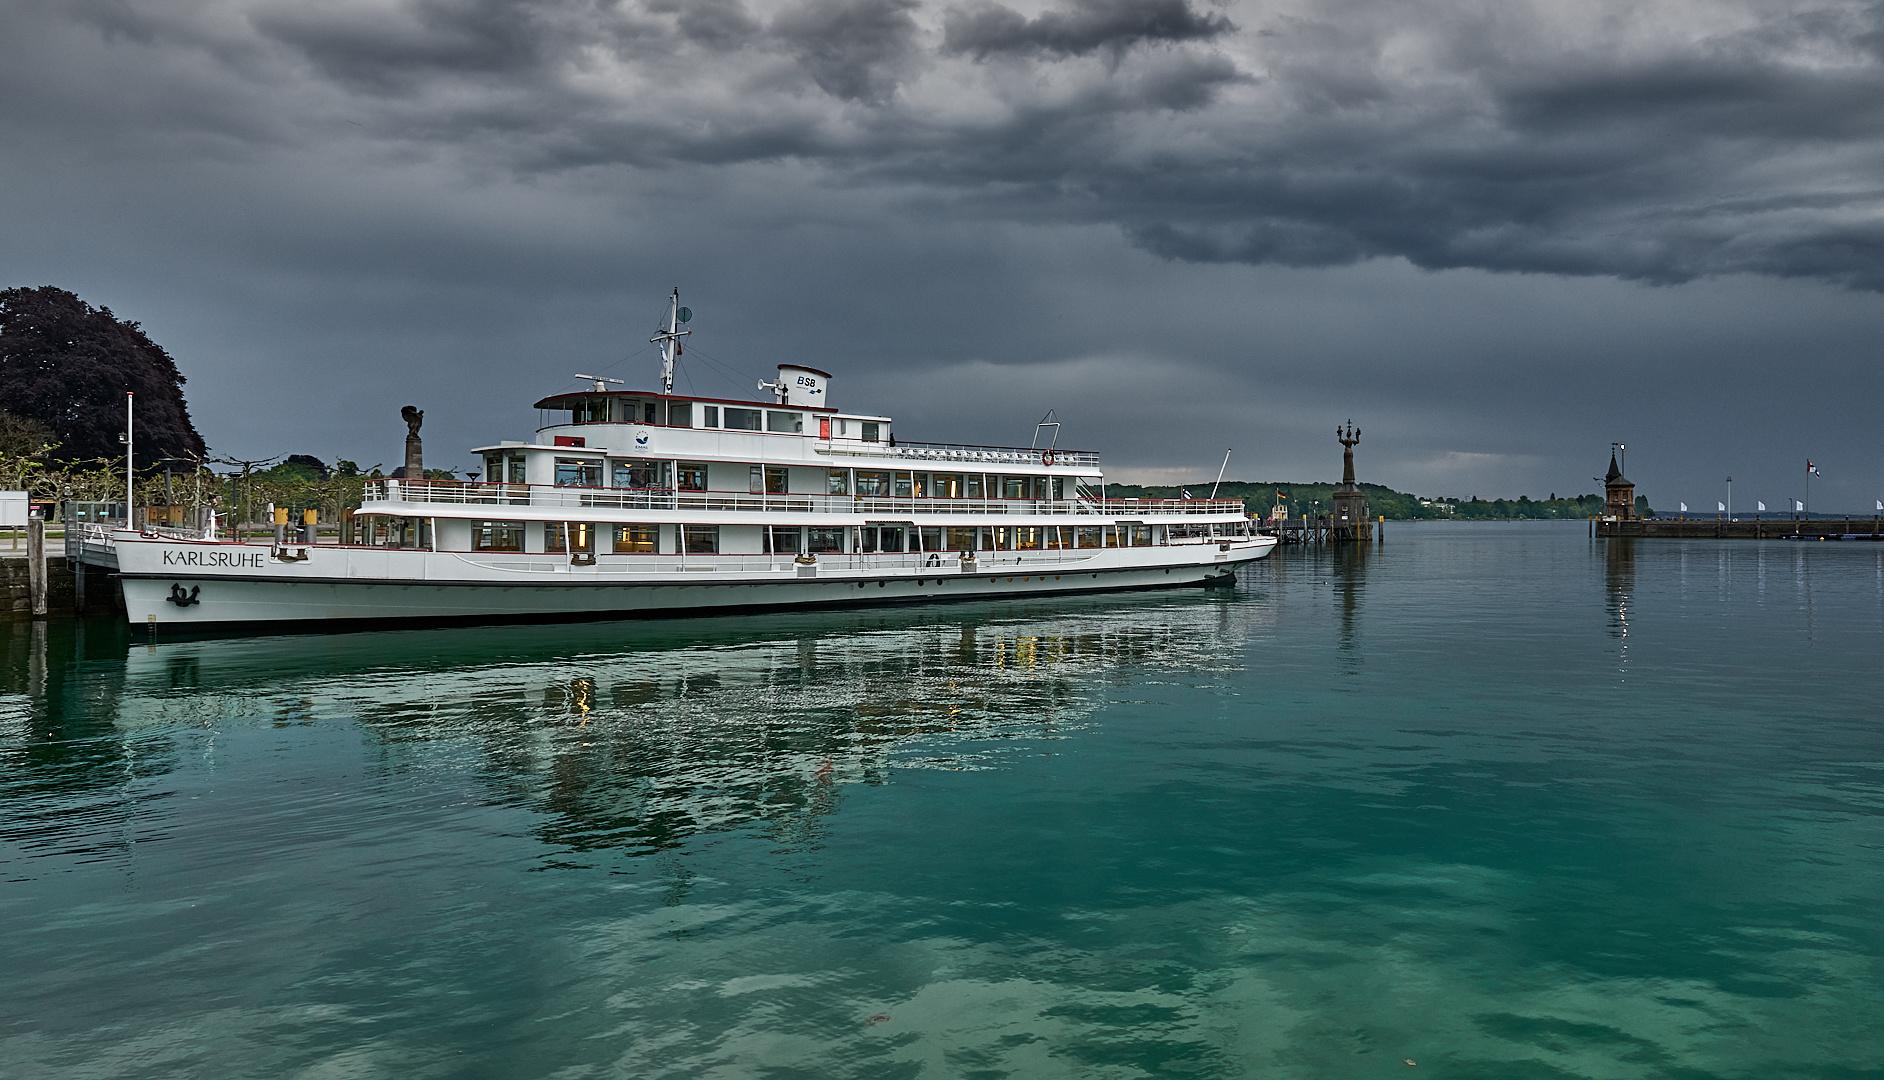 Eine beeindruckende Gewitter-Lichtstimmung im Konstanzer-Hafen...